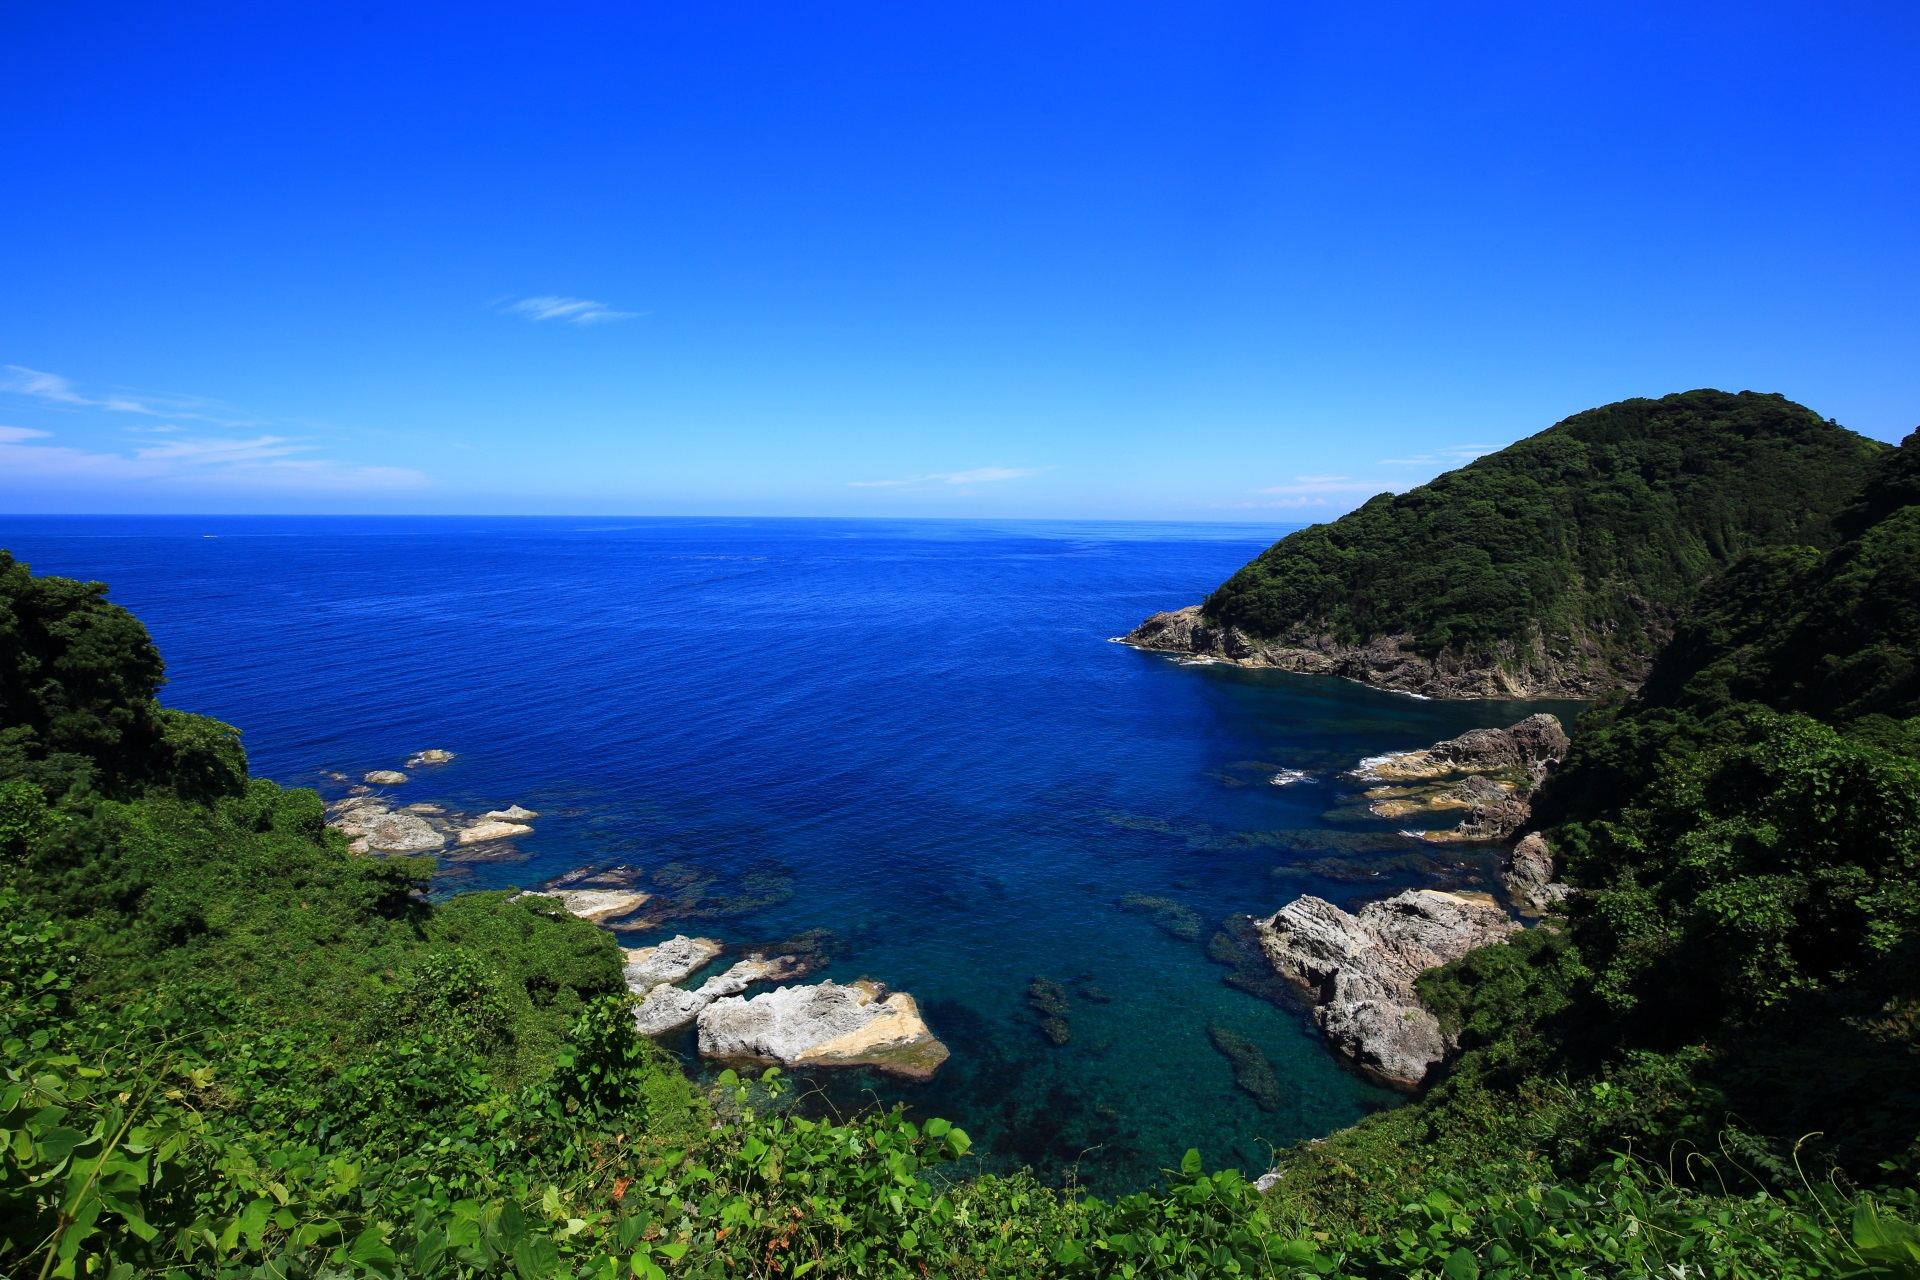 蒲入ロードパークより一望できる日本海に面した蒲入地区のカマヤ海岸